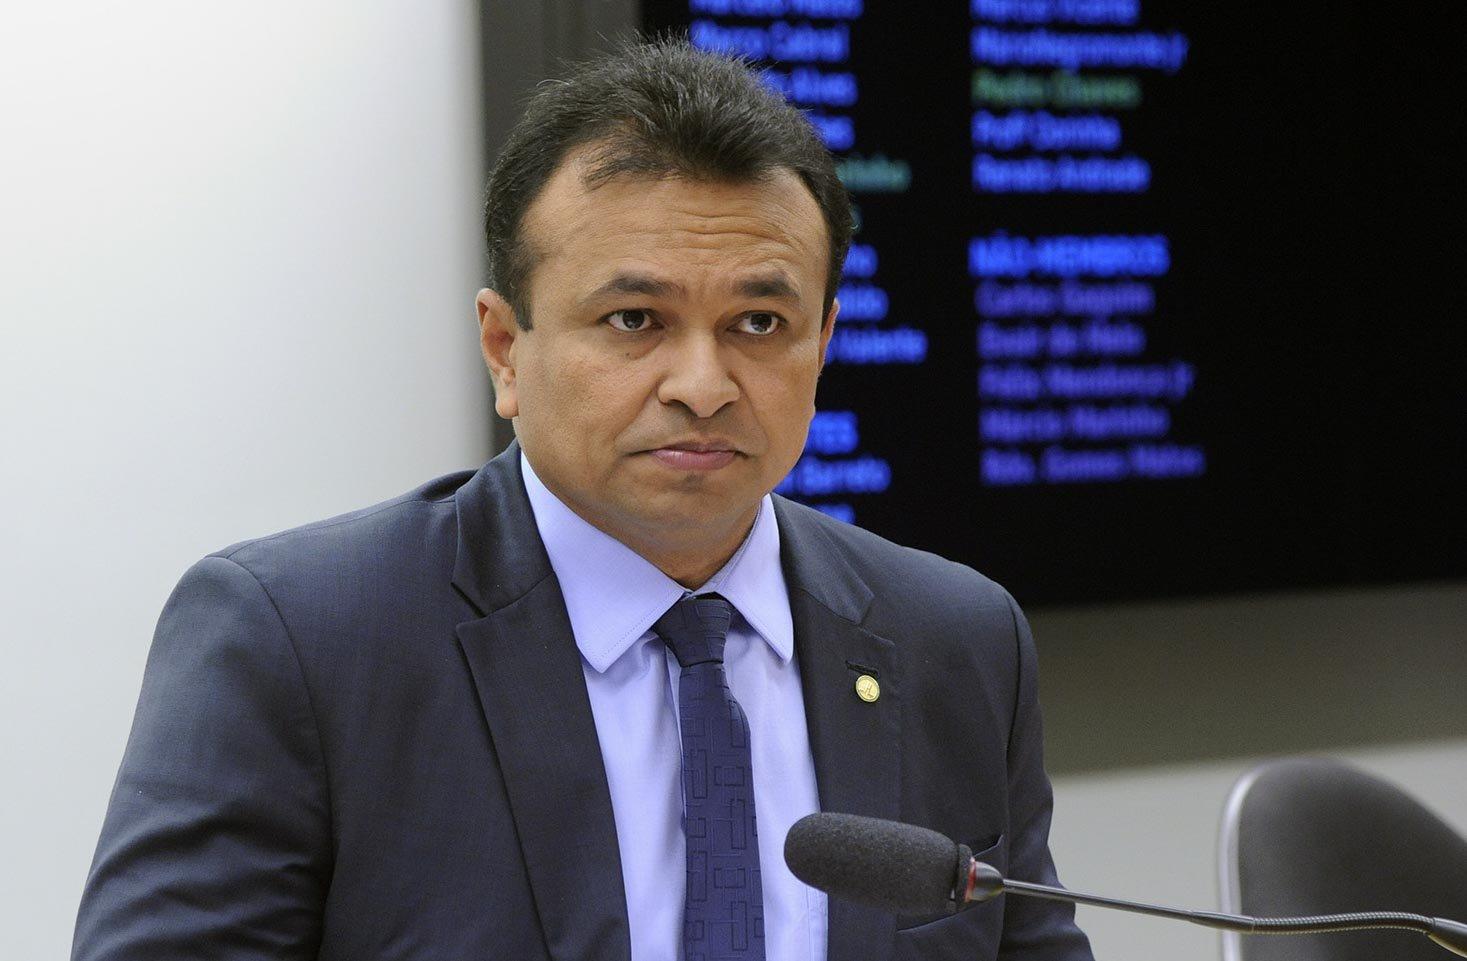 O deputado Capitão Fábio Abreu (PTR-PI) apresentou projeto de lei que autoriza as empresas de vigilância a dotar seus funcionários com armas mais potentes